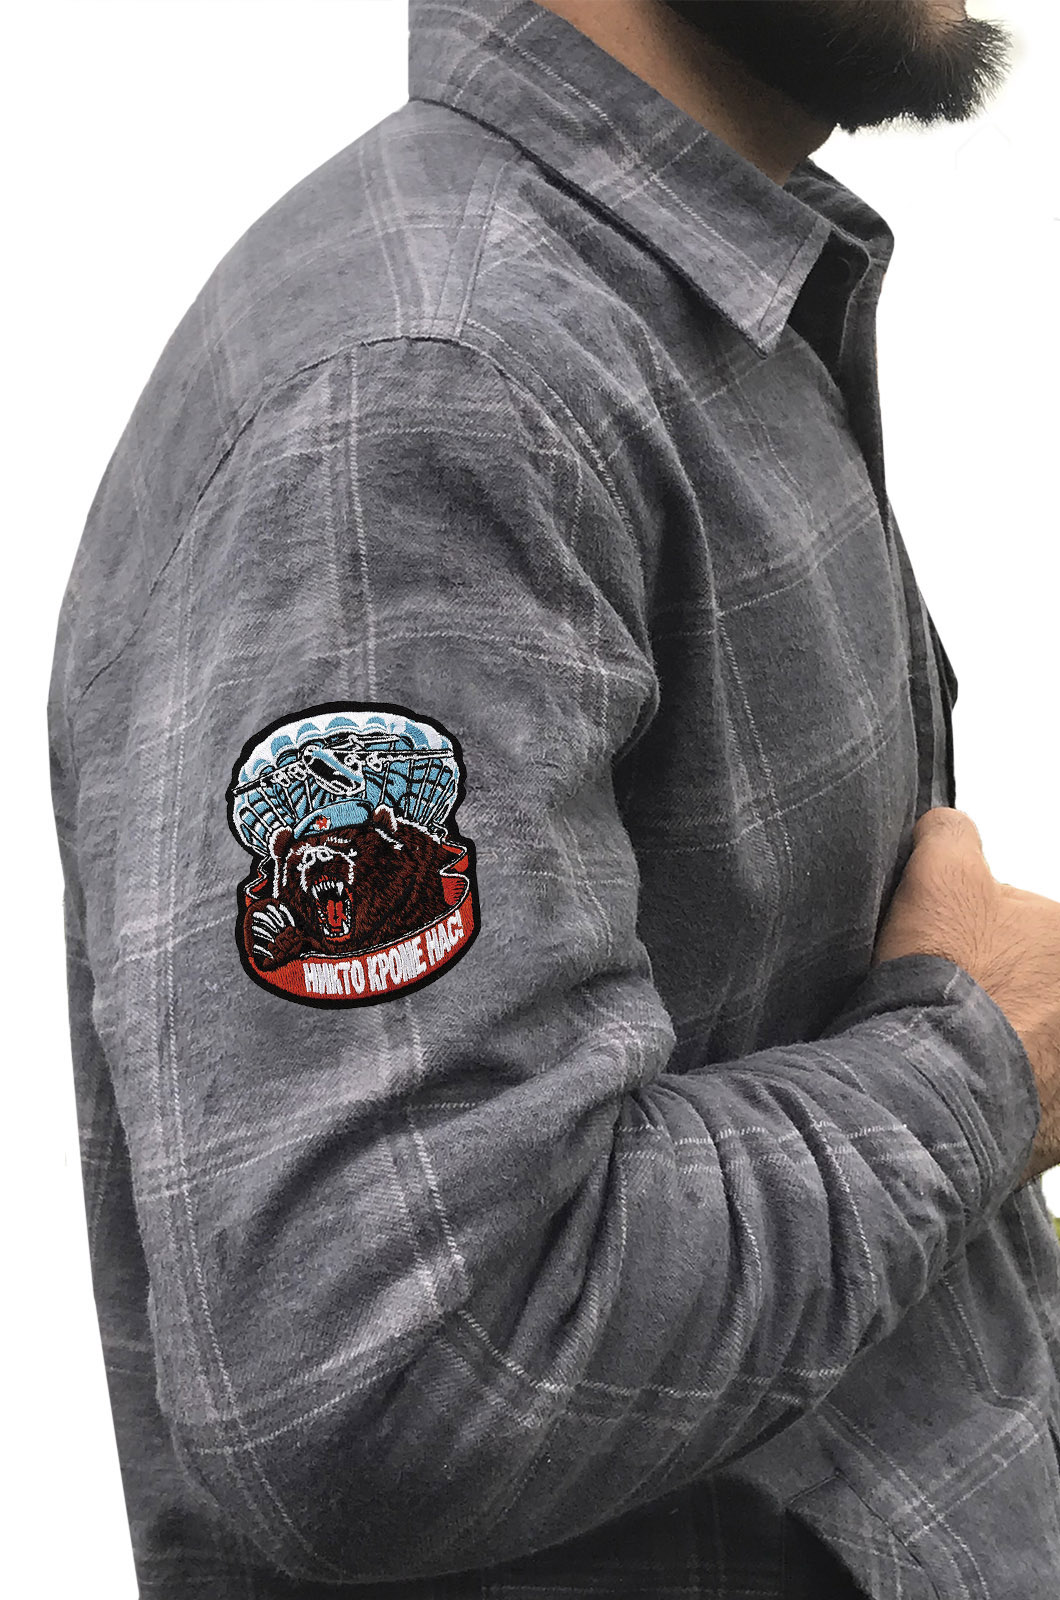 Утепленная мужская рубашка с вышитым шевроном ВДВ Медведь - купить в розницу